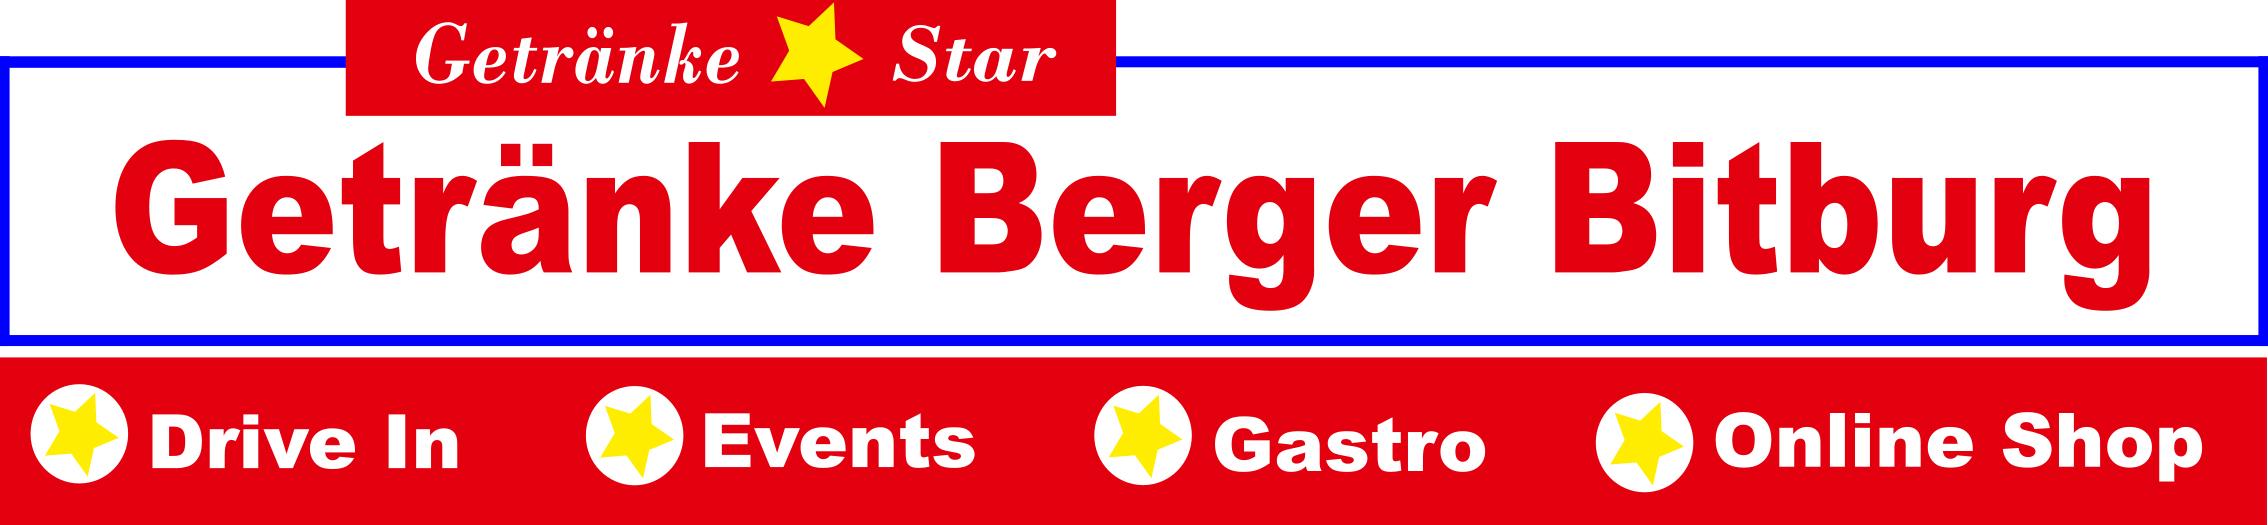 Marken Getränke online kaufen Bitburg Trier Wittlich